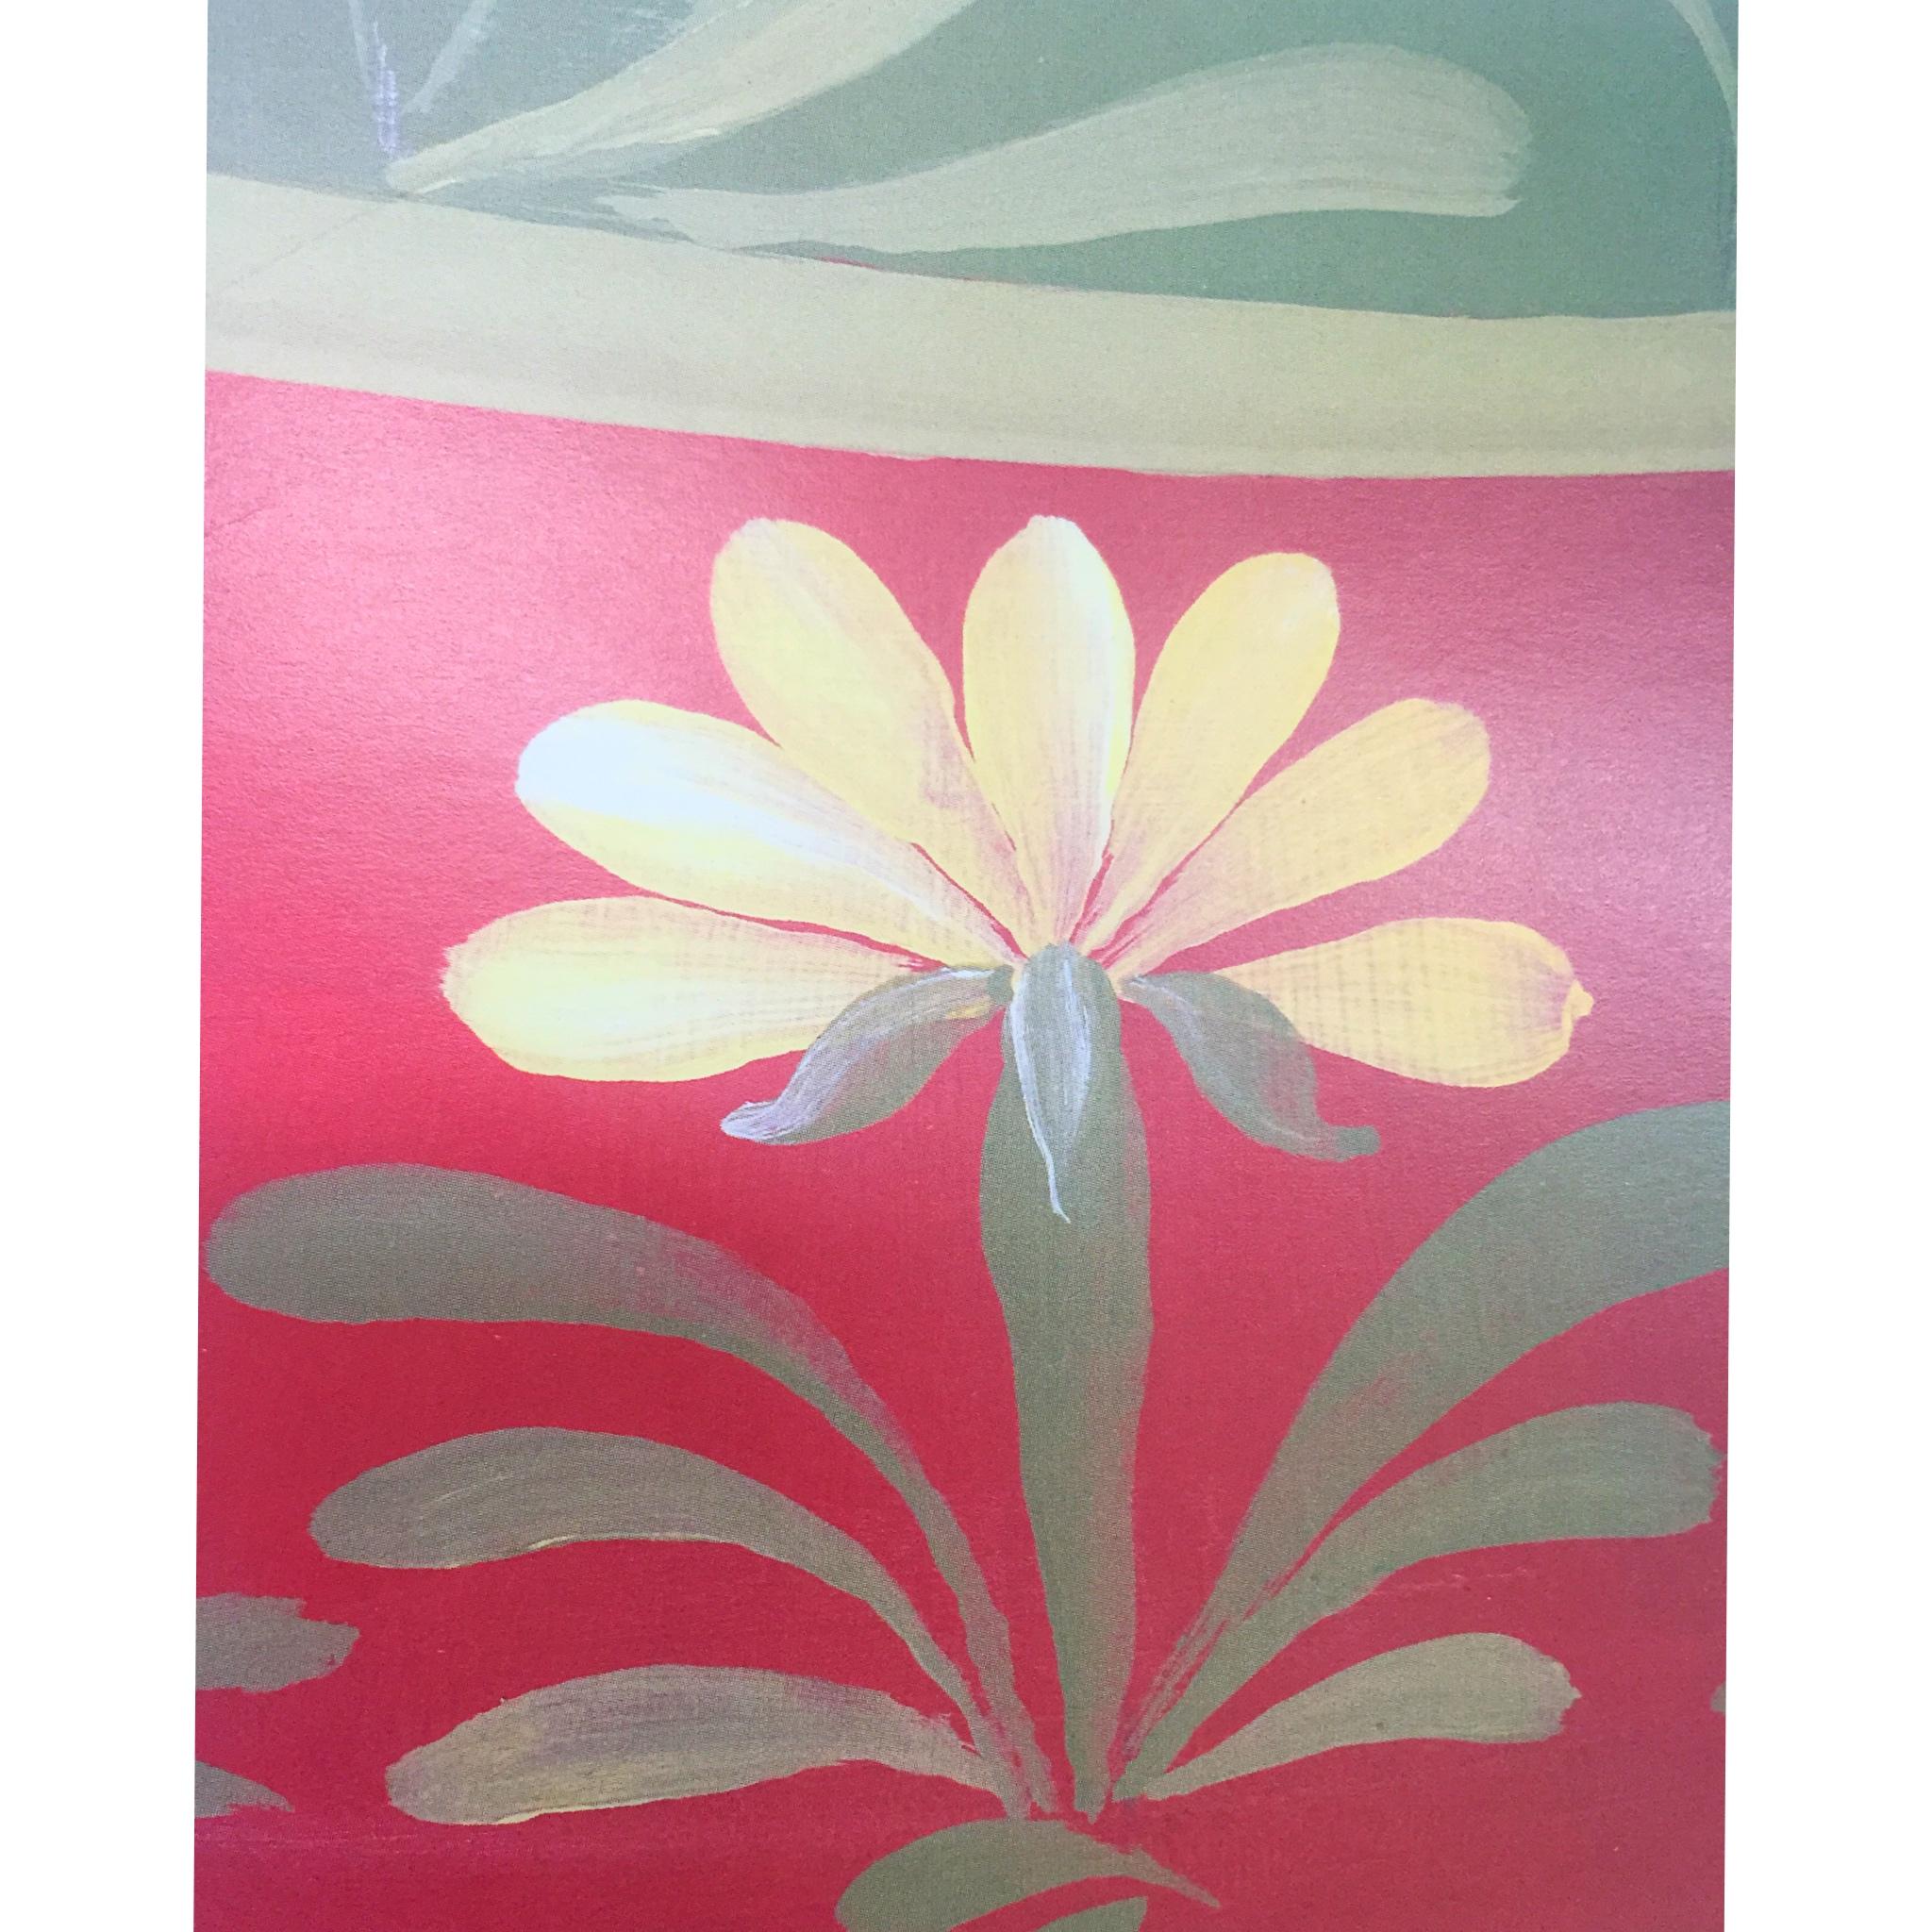 Pinceladas de pintura popular